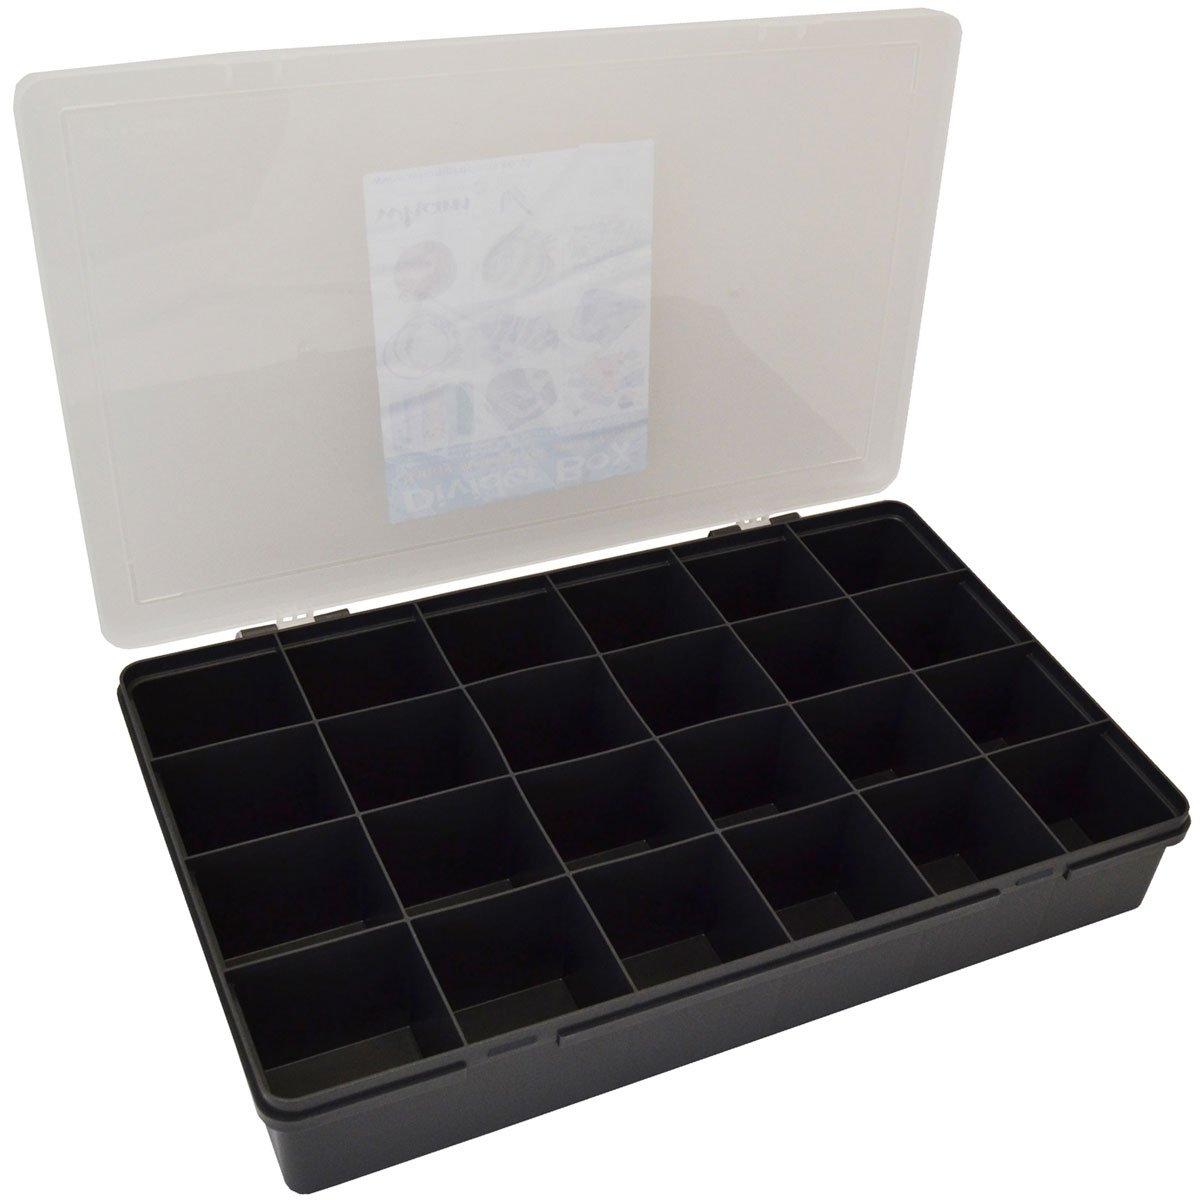 Aufbewahrungsbox Christbaumkugeln.Organizer 60x40x10cm Aufbewahrungsbox Mit 24 Fachern